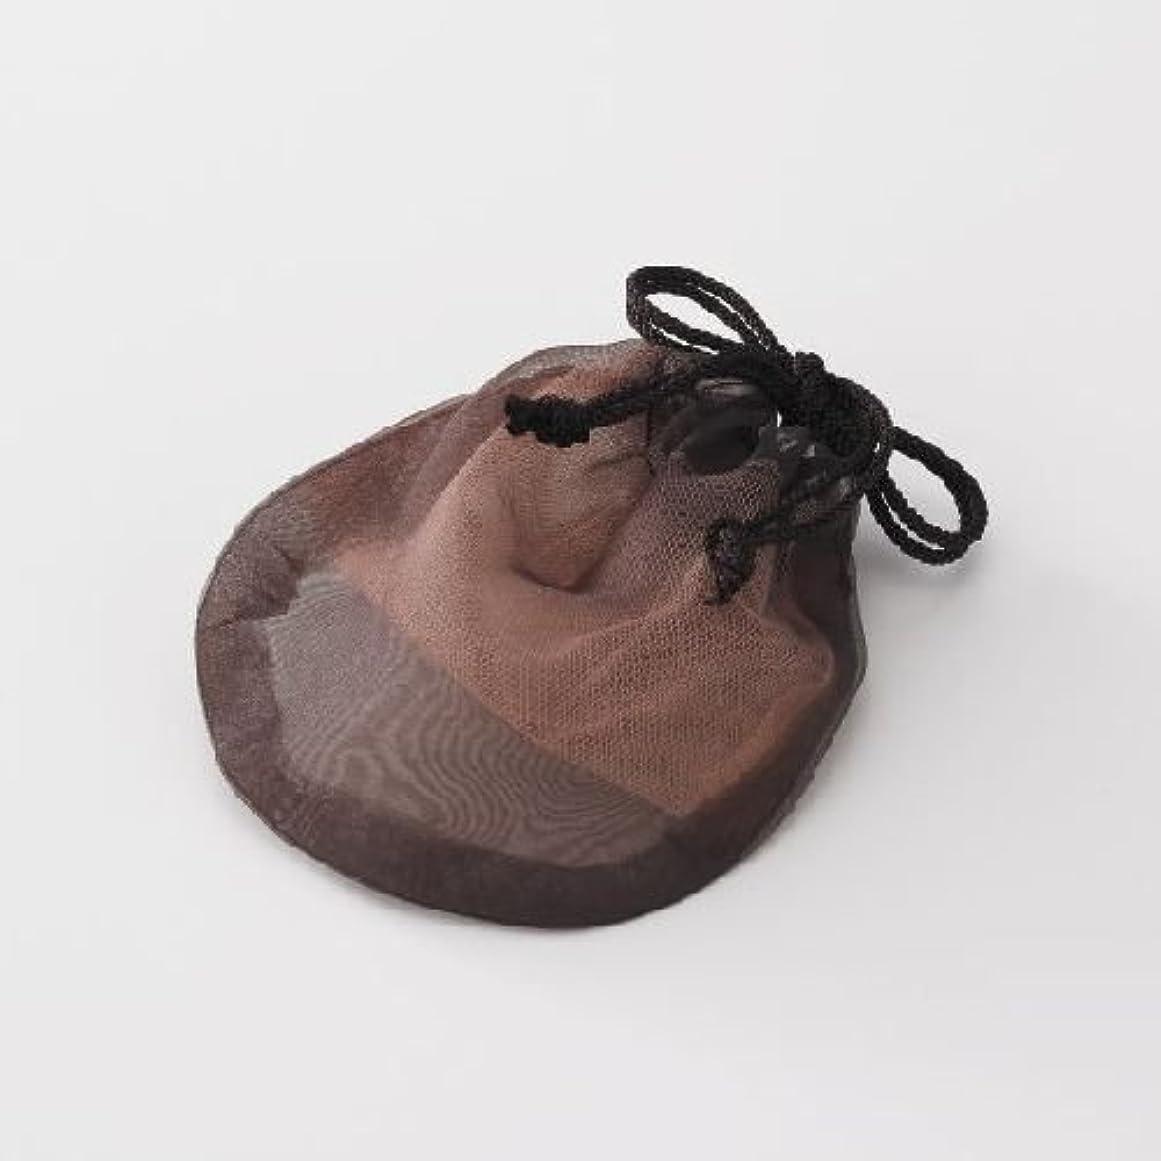 ピースオズワルド噛むピギーバックス ソープネット 瞬時にマシュマロのようなお肌に負担をかけないキメ細かな泡をつくることができるオシャレなポーチ型オリジナル【泡だてネット】!衛生的に固形石鹸の保存もできます。